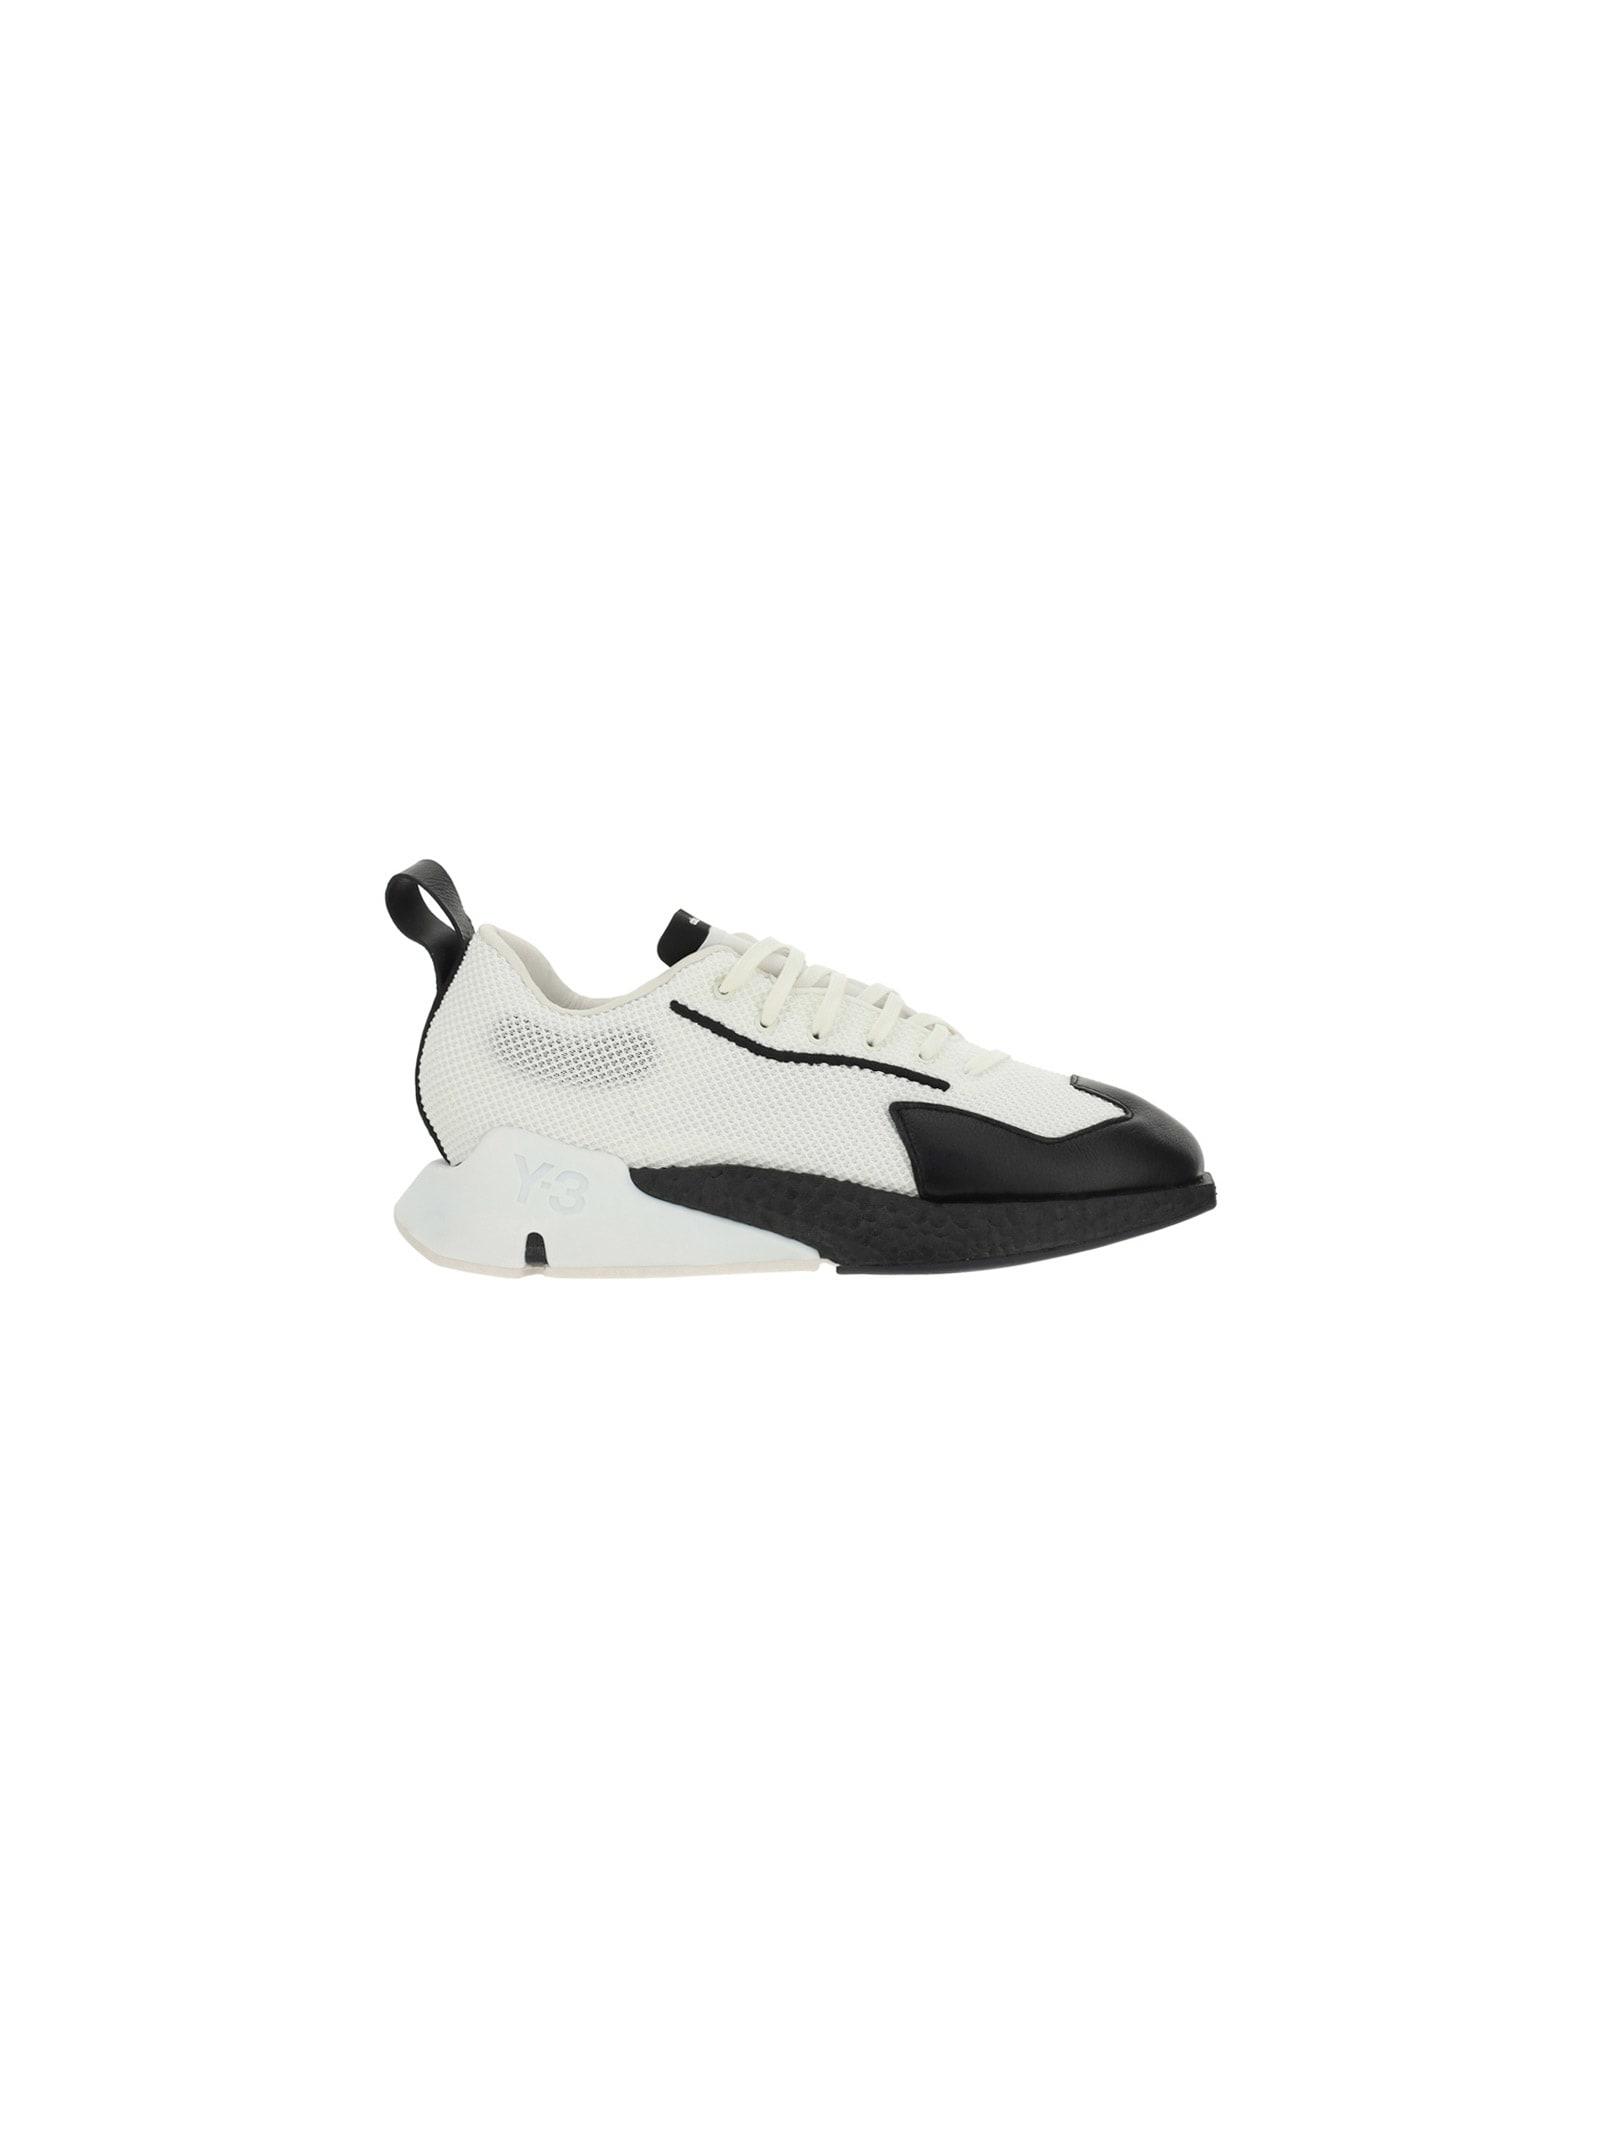 Y-3 Shoes ORISAN SNEAKERS